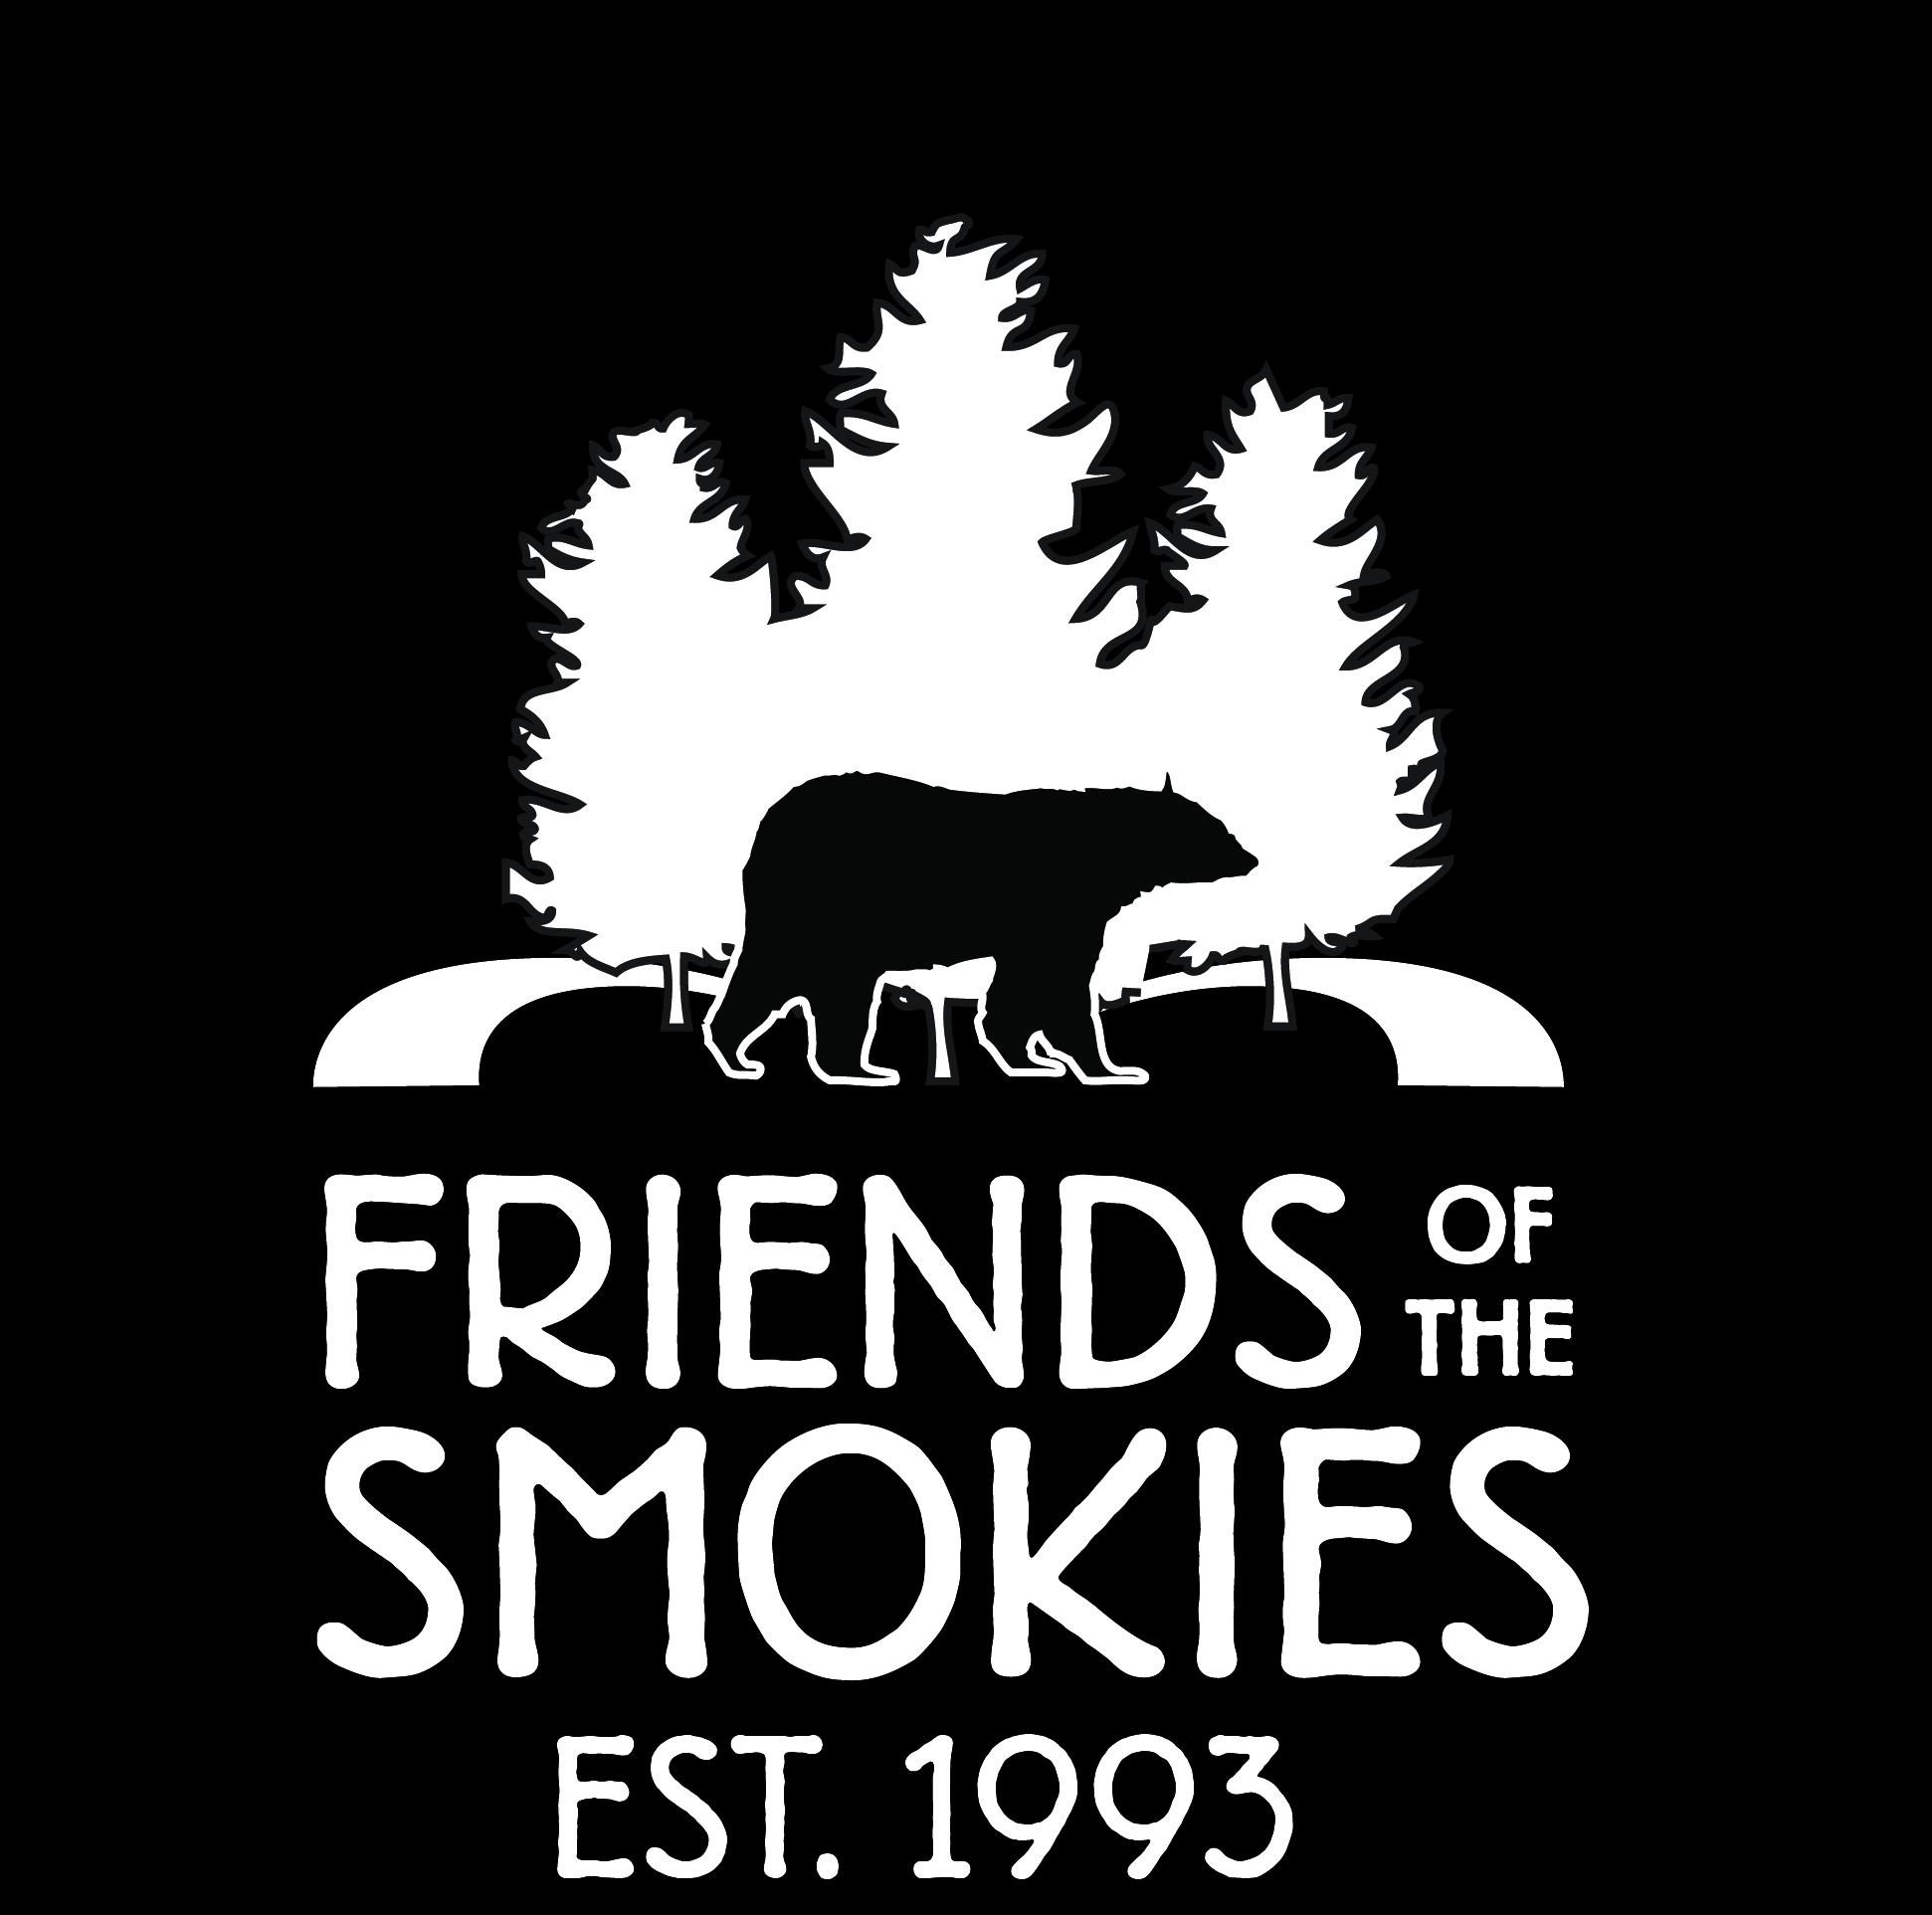 Friends of the Smokies